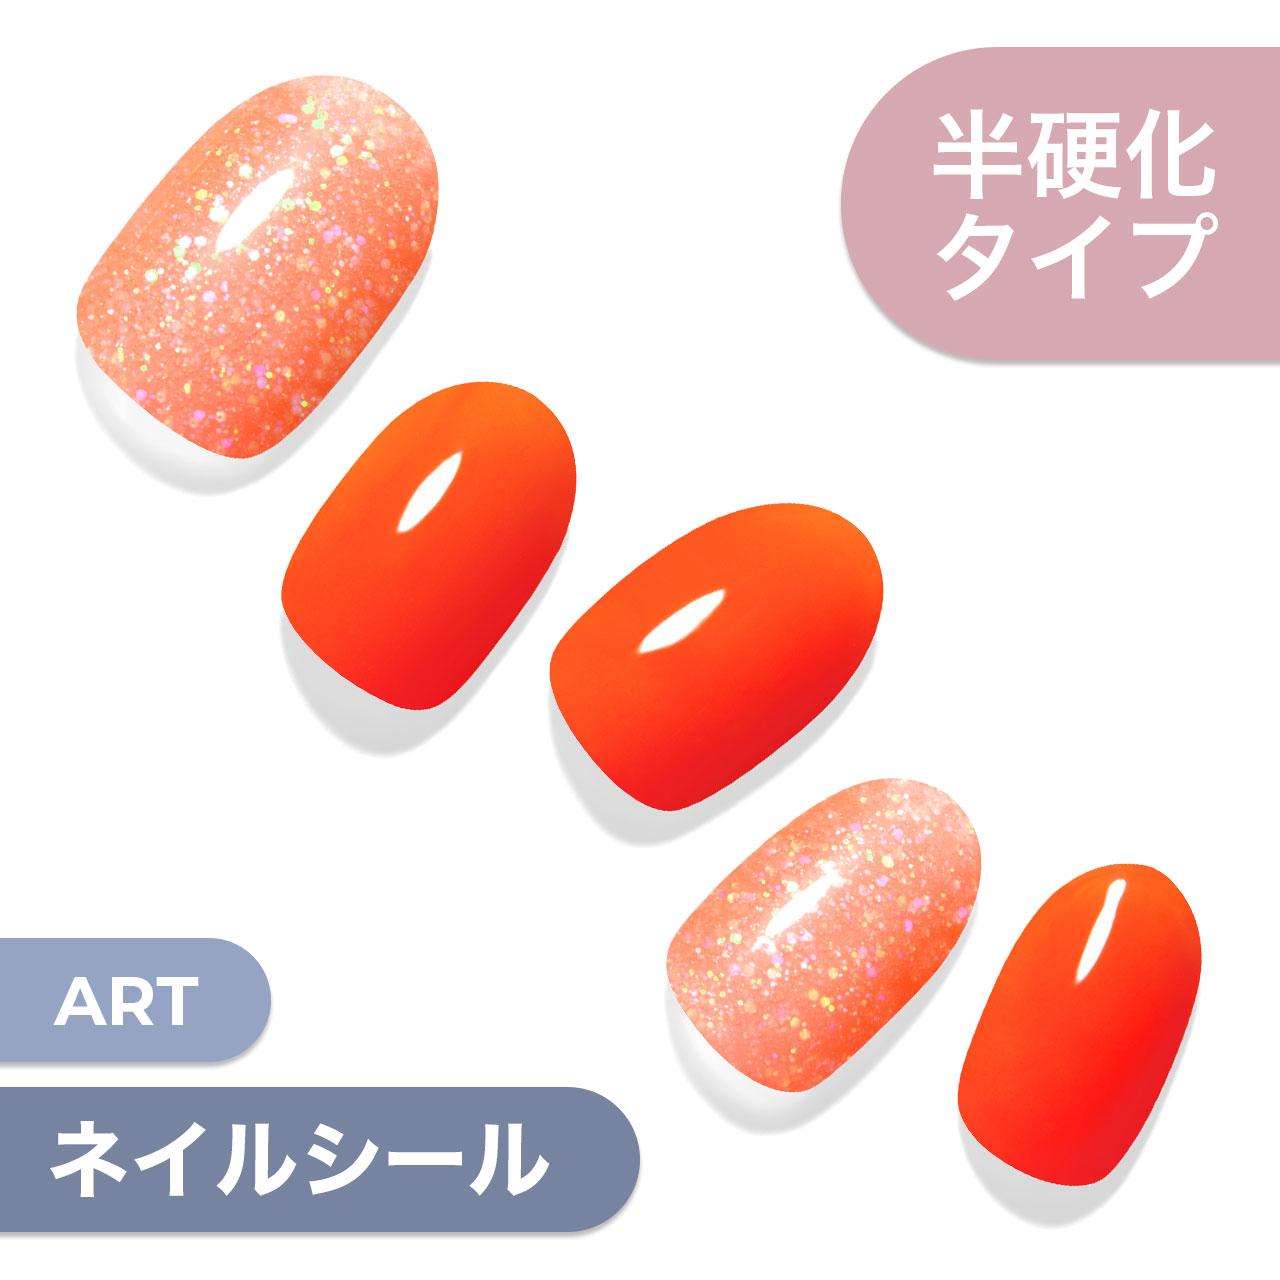 【Juicy Raspberry】ダッシングディバグレーズ